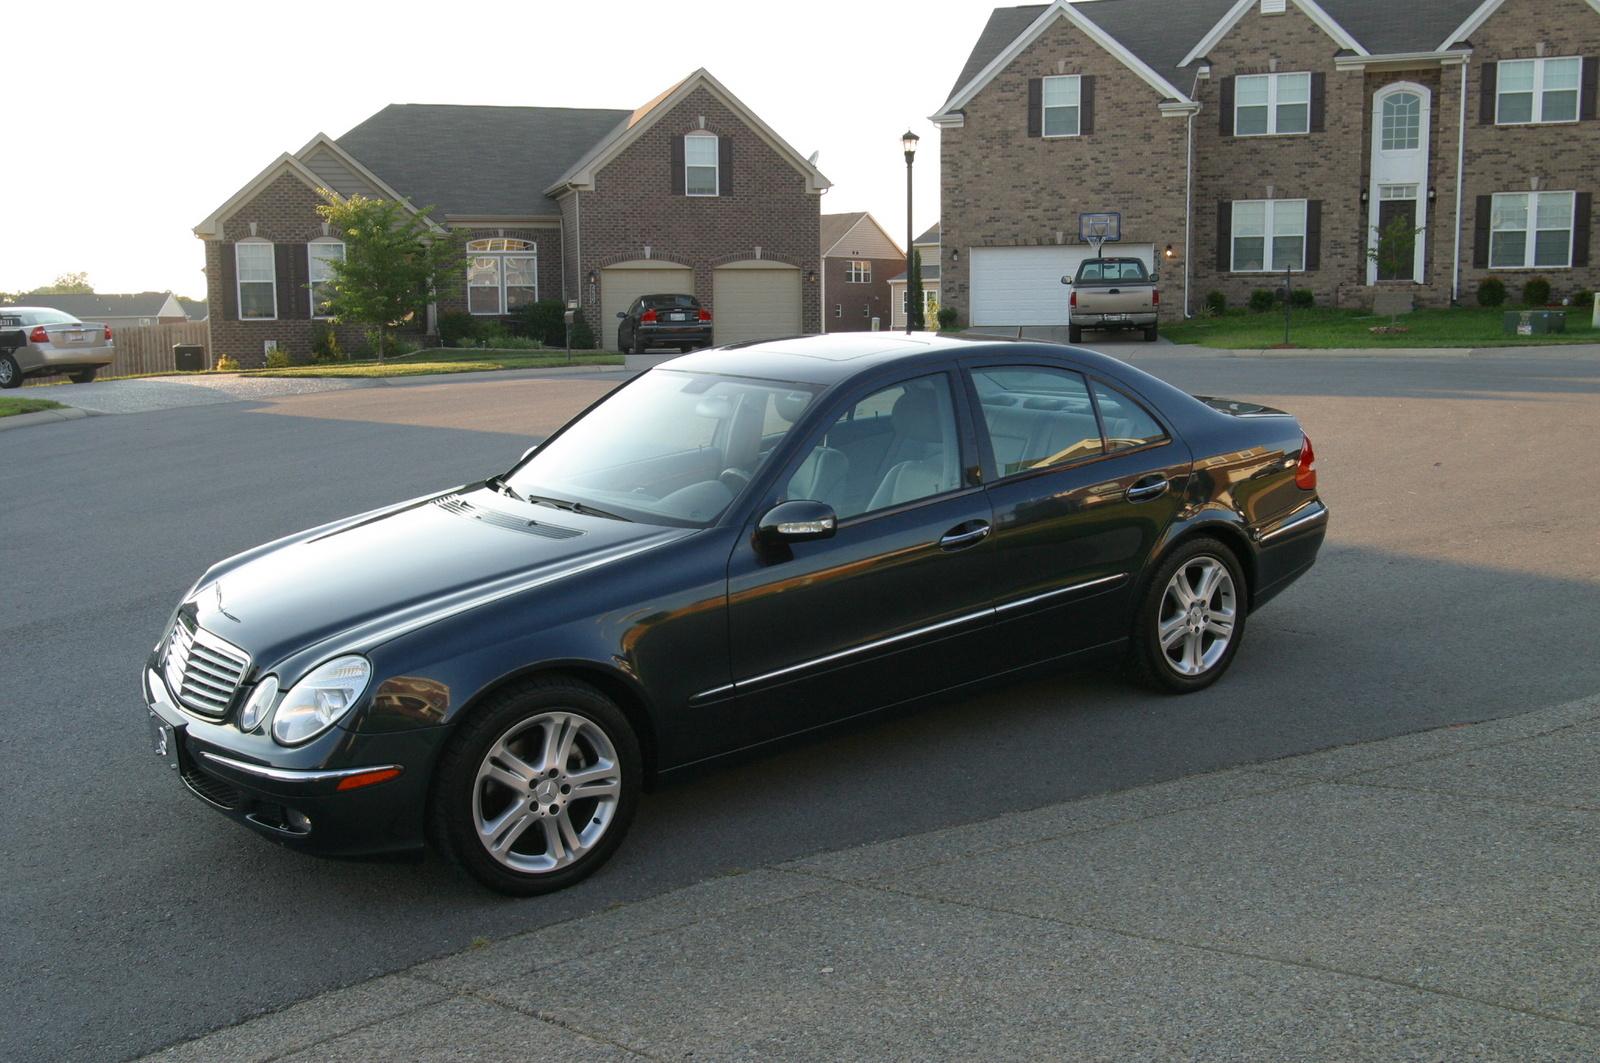 2006 mercedes benz e class pictures cargurus for Mercedes benz 2005 e350 price